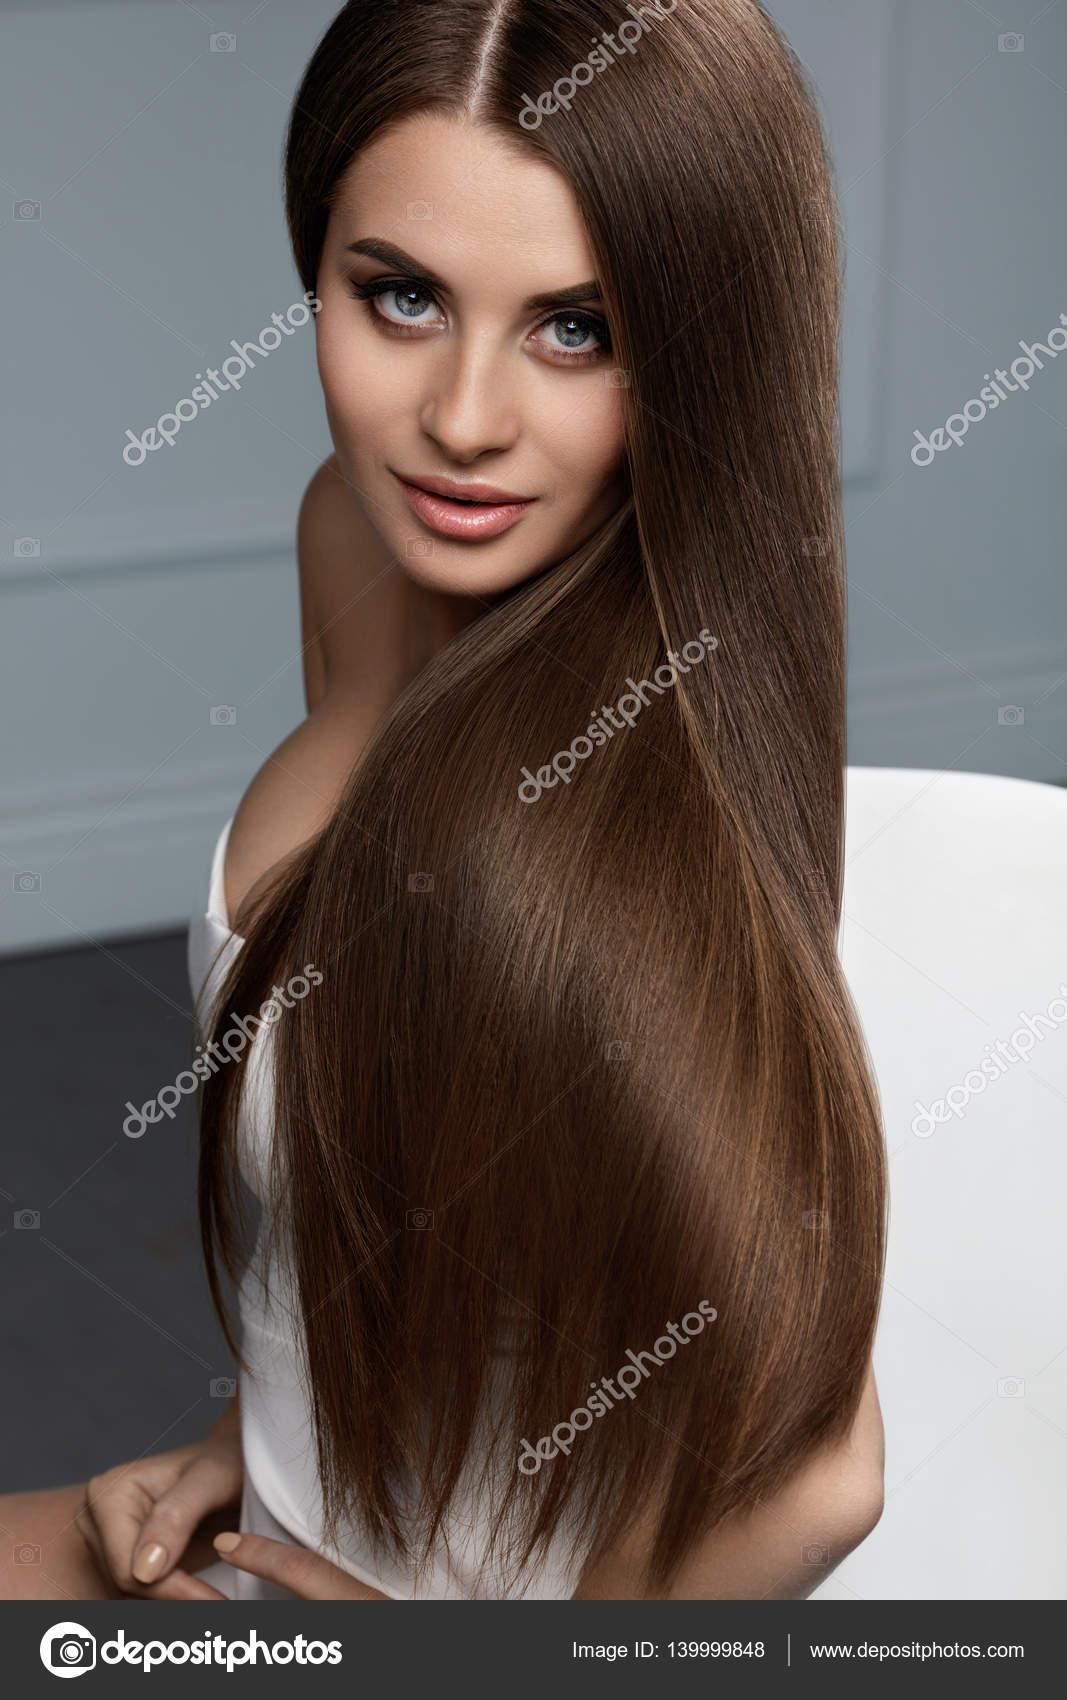 Mooie Haarkleur Vrouw Met Glanzende Rechtstreeks Bruin Lang Haar